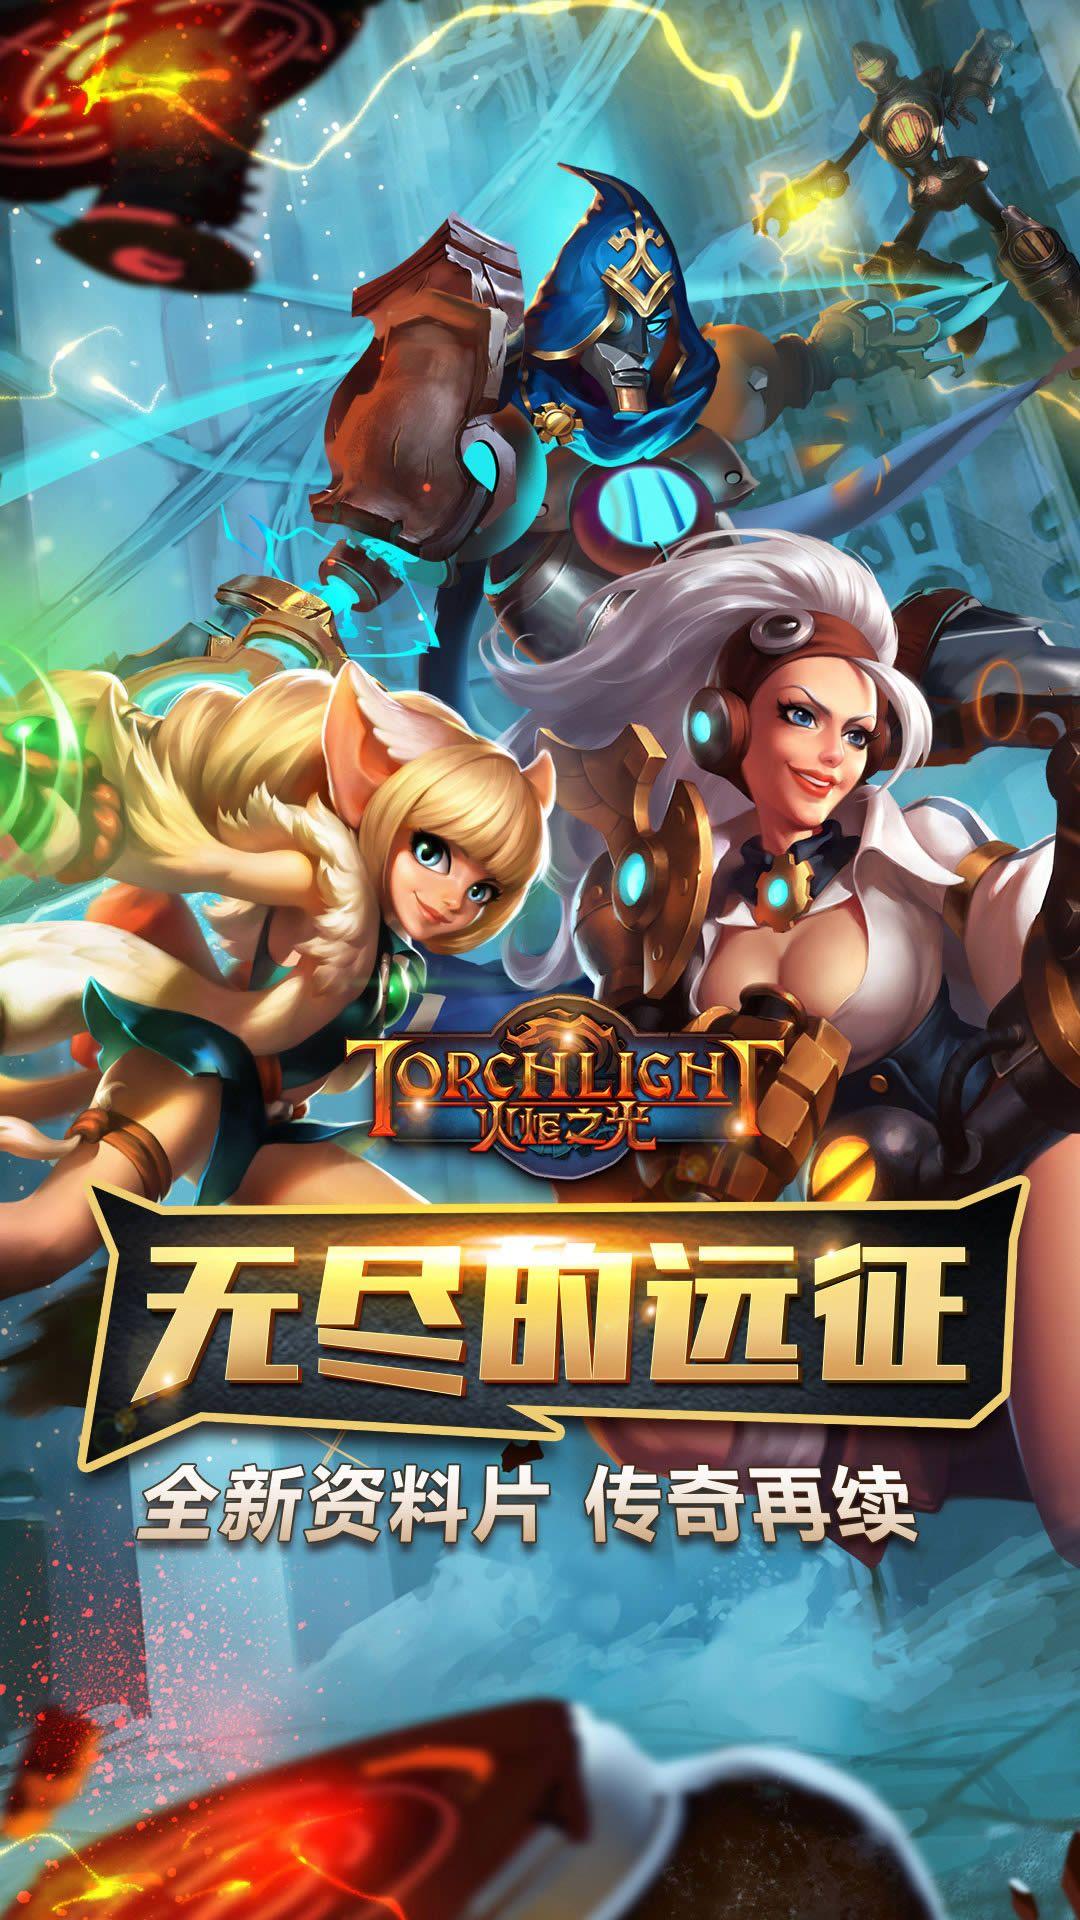 火炬之光-官方正版_游戏介绍图